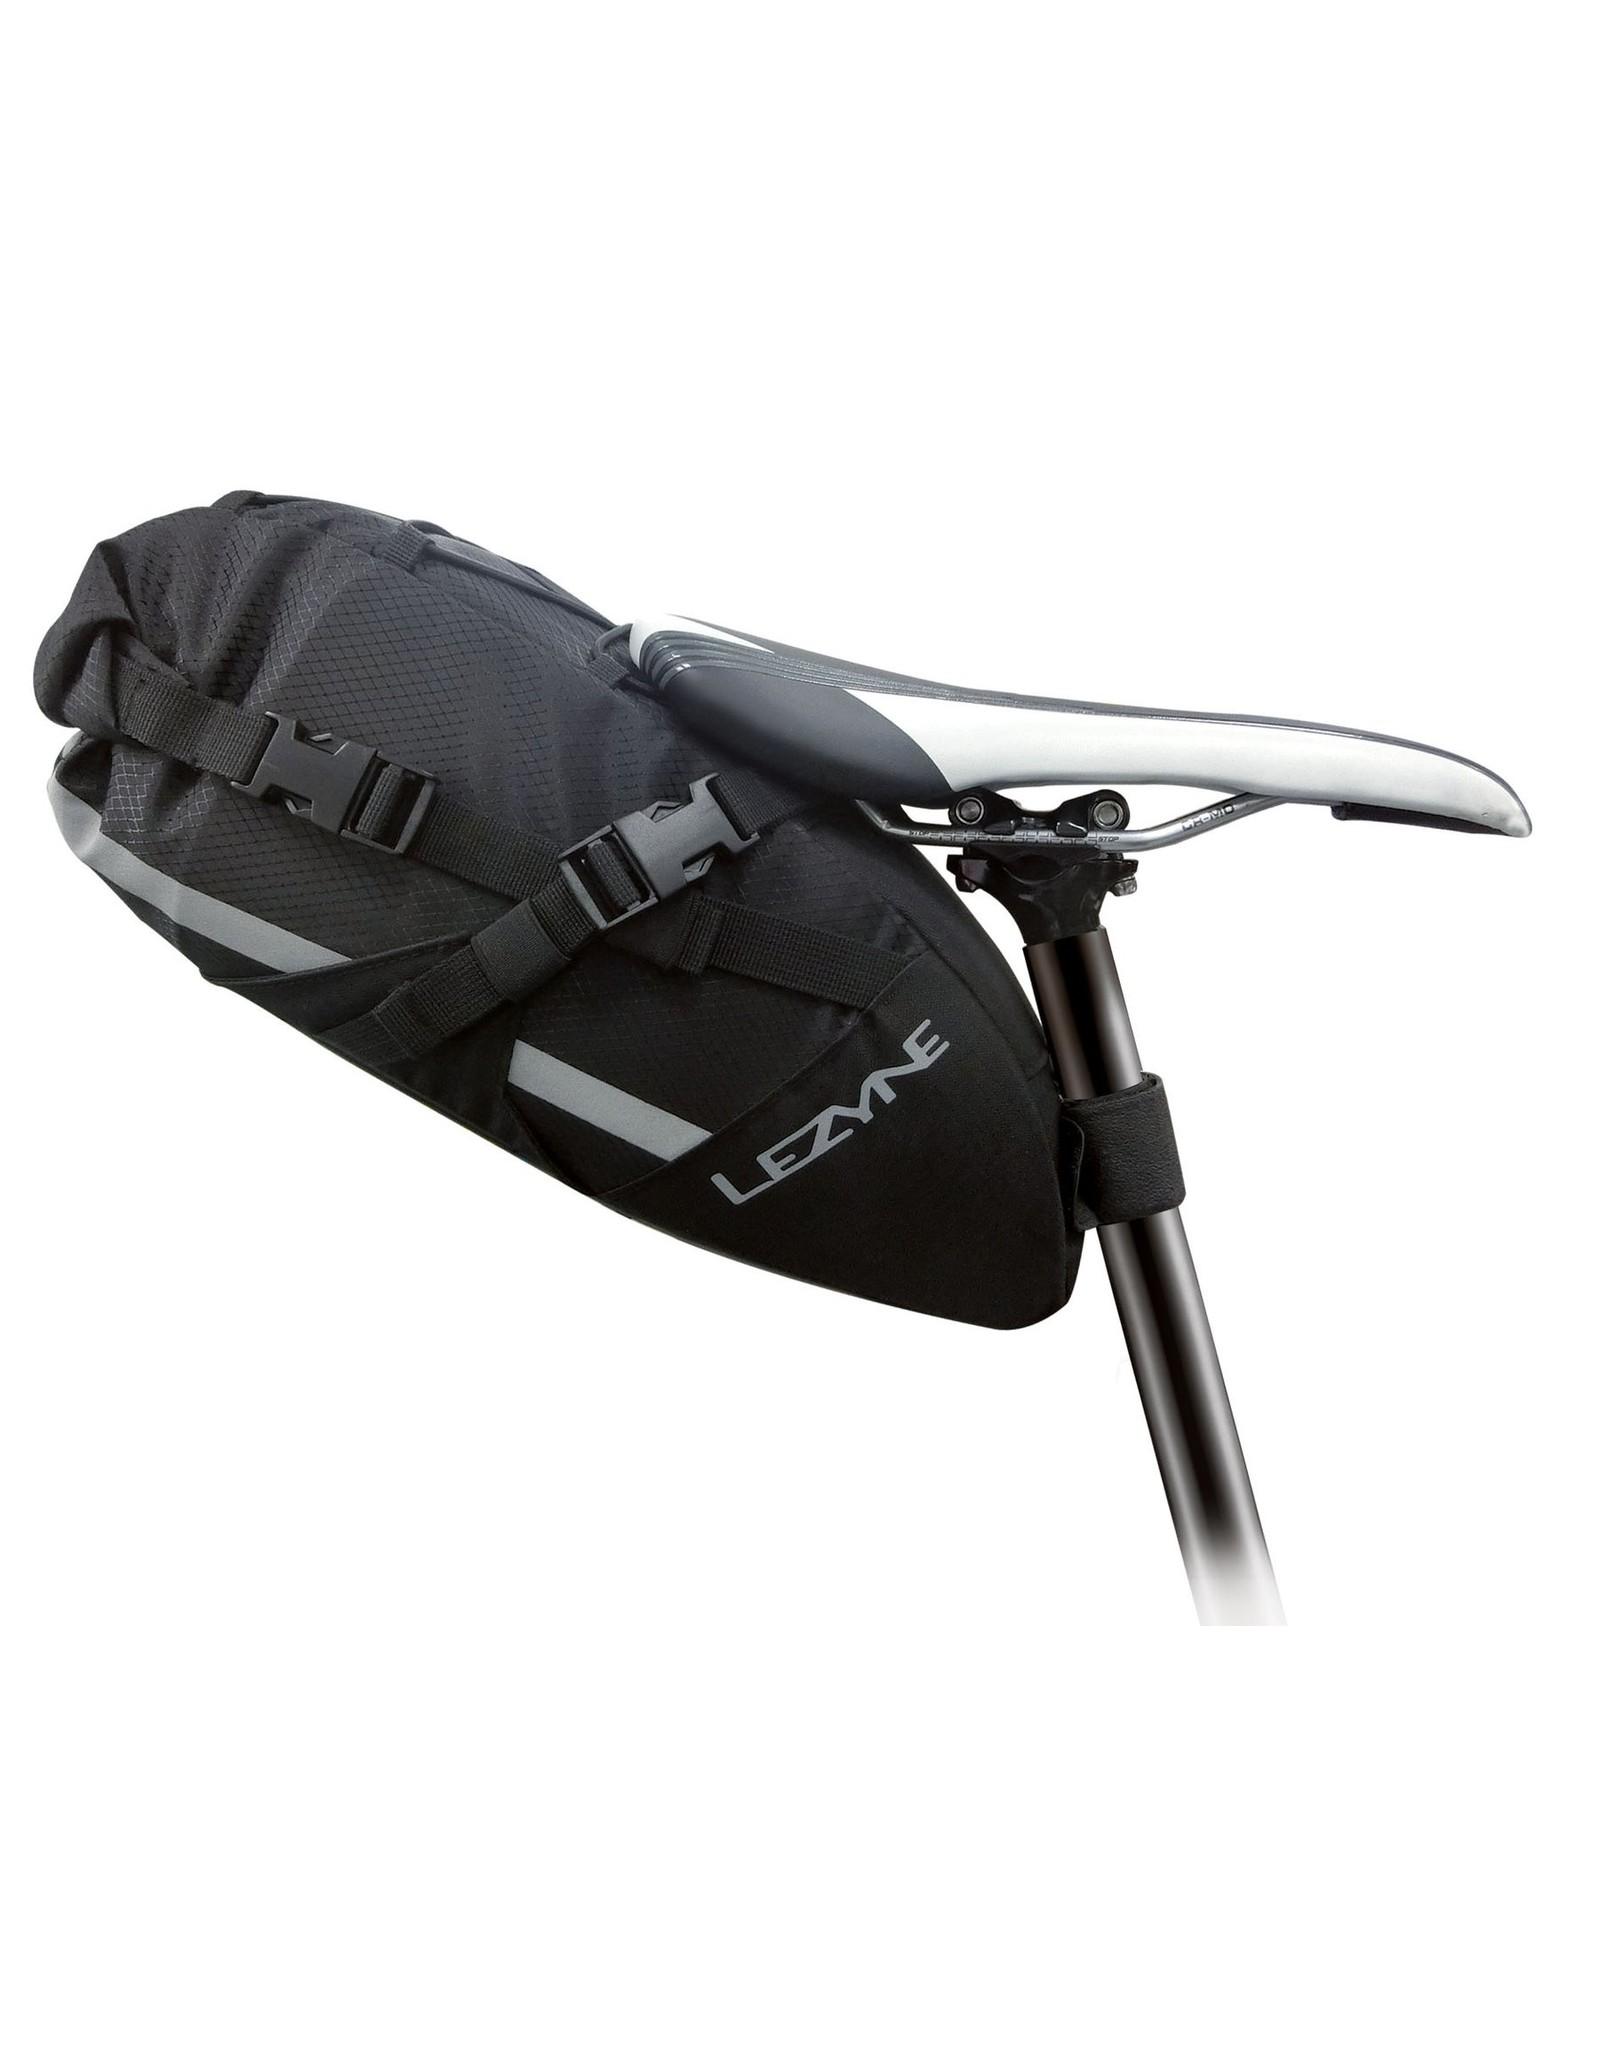 Lezyne Lezyne XL Caddy Seat Bag 7.5L Black